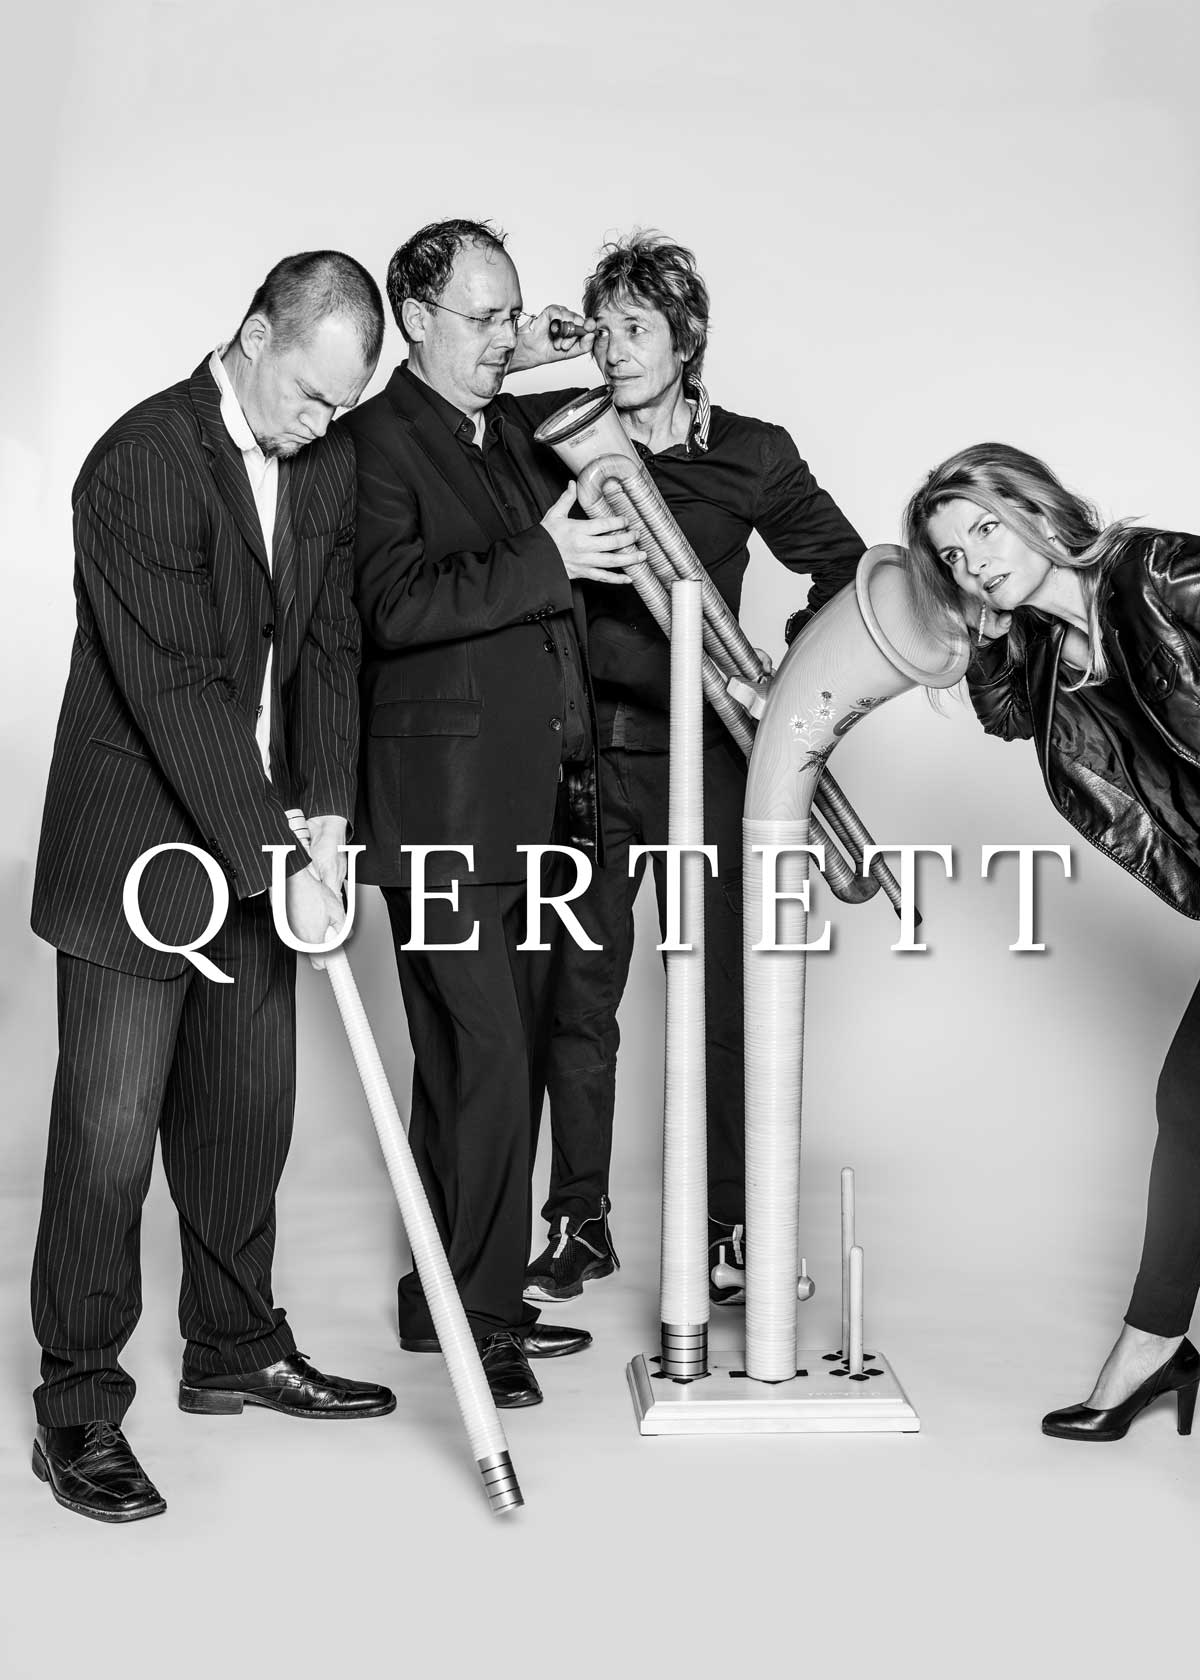 Quertett